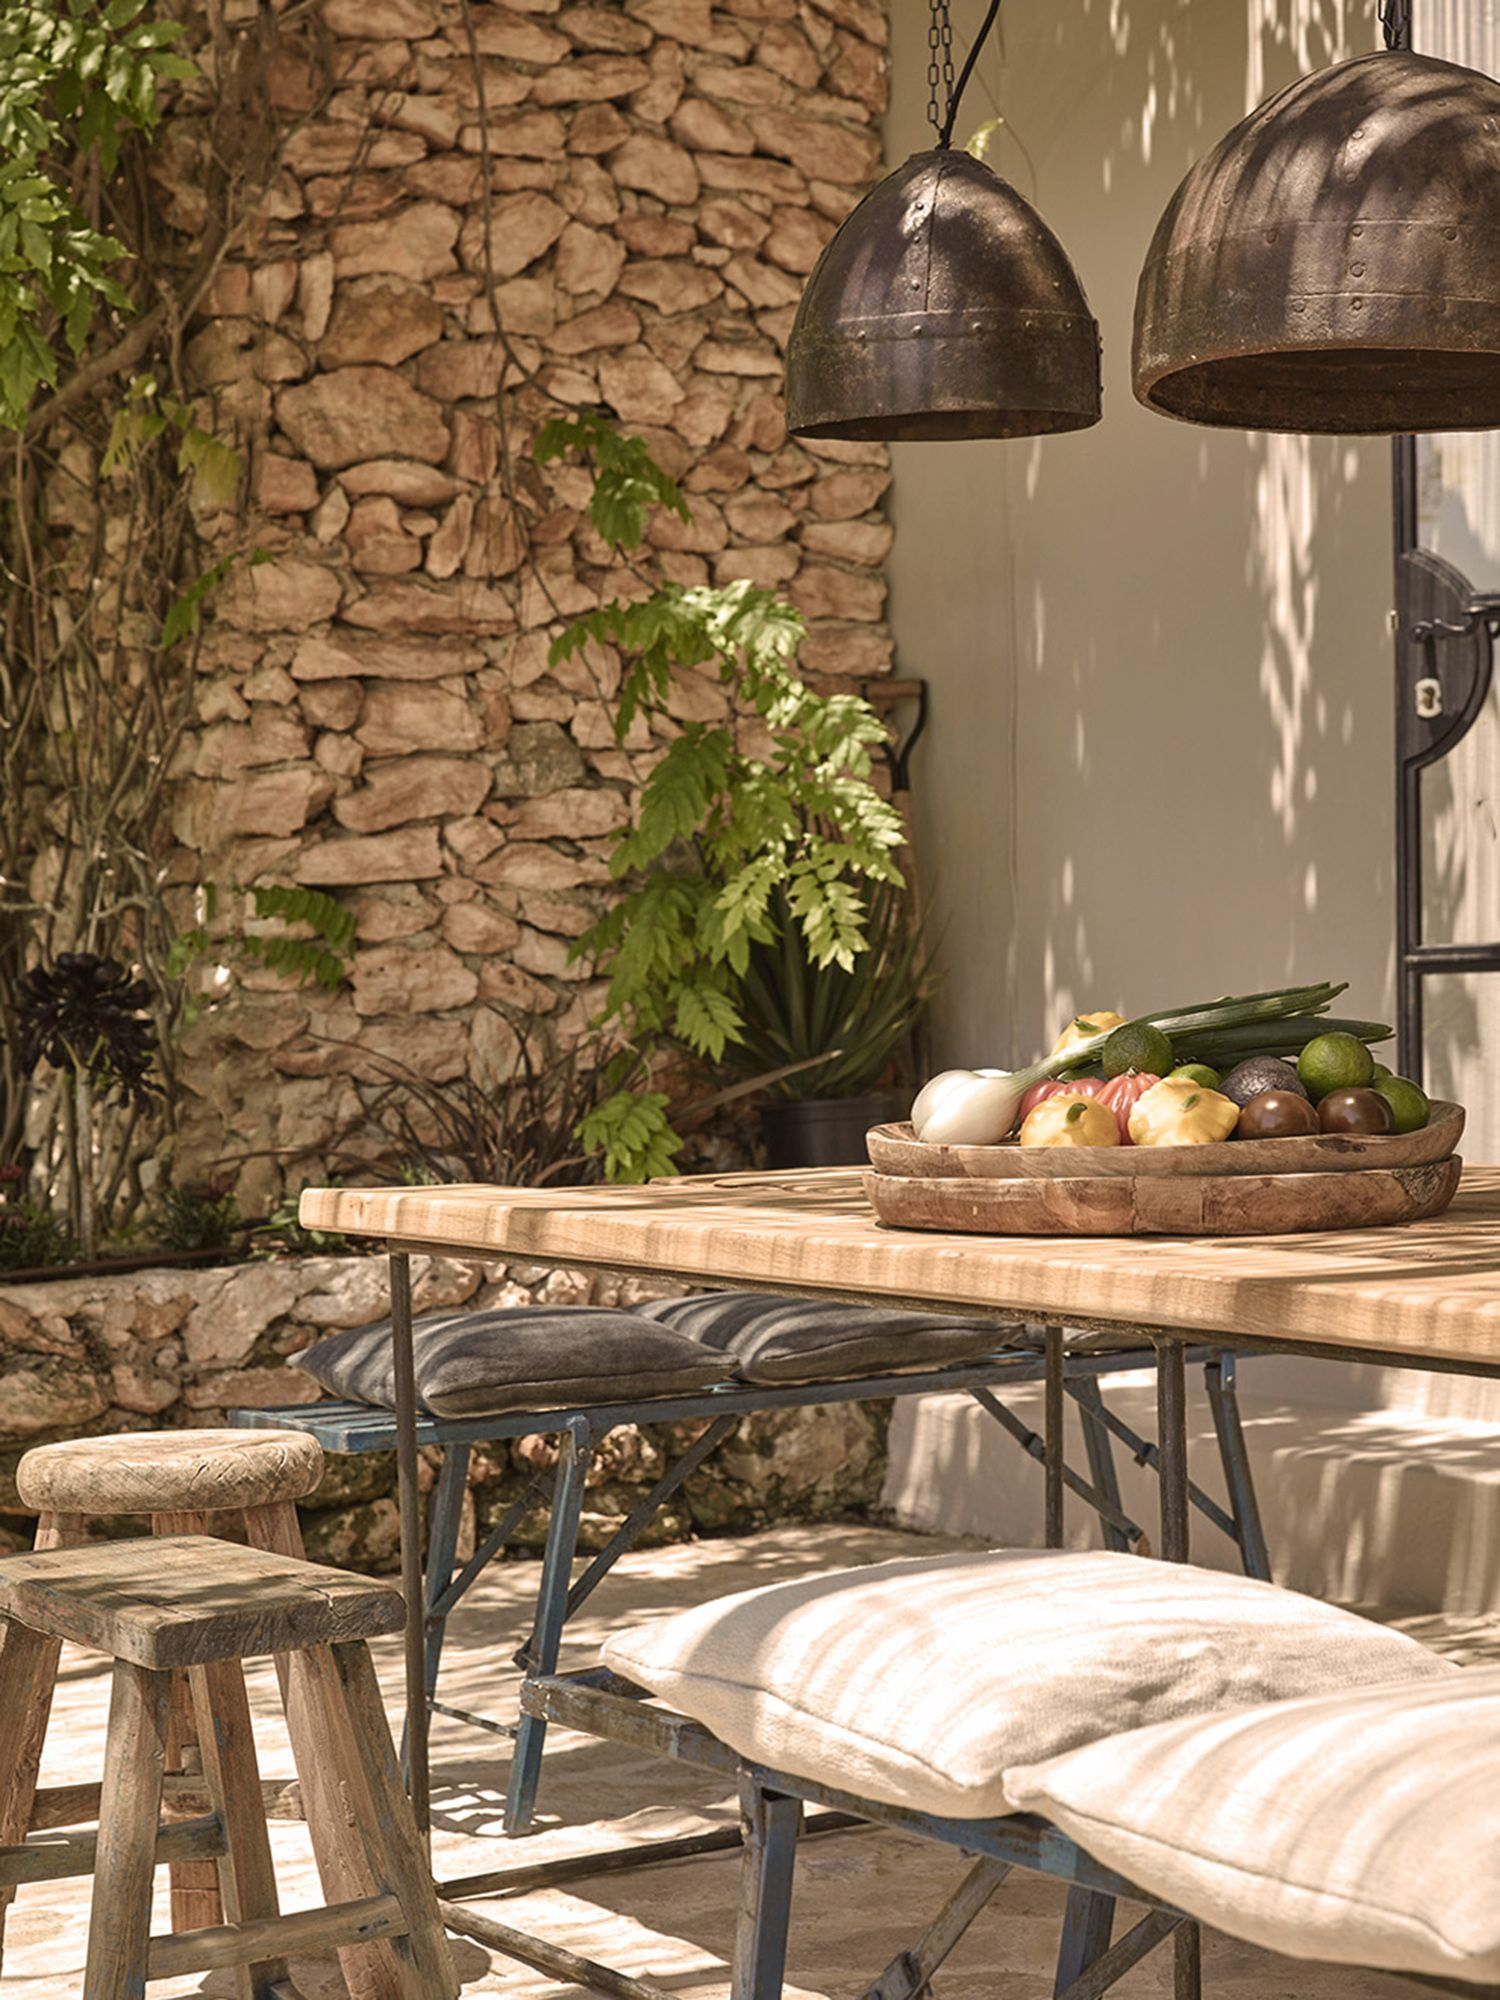 The Farm House   Great Gardens & Ideas   Pinterest   Farm house ...